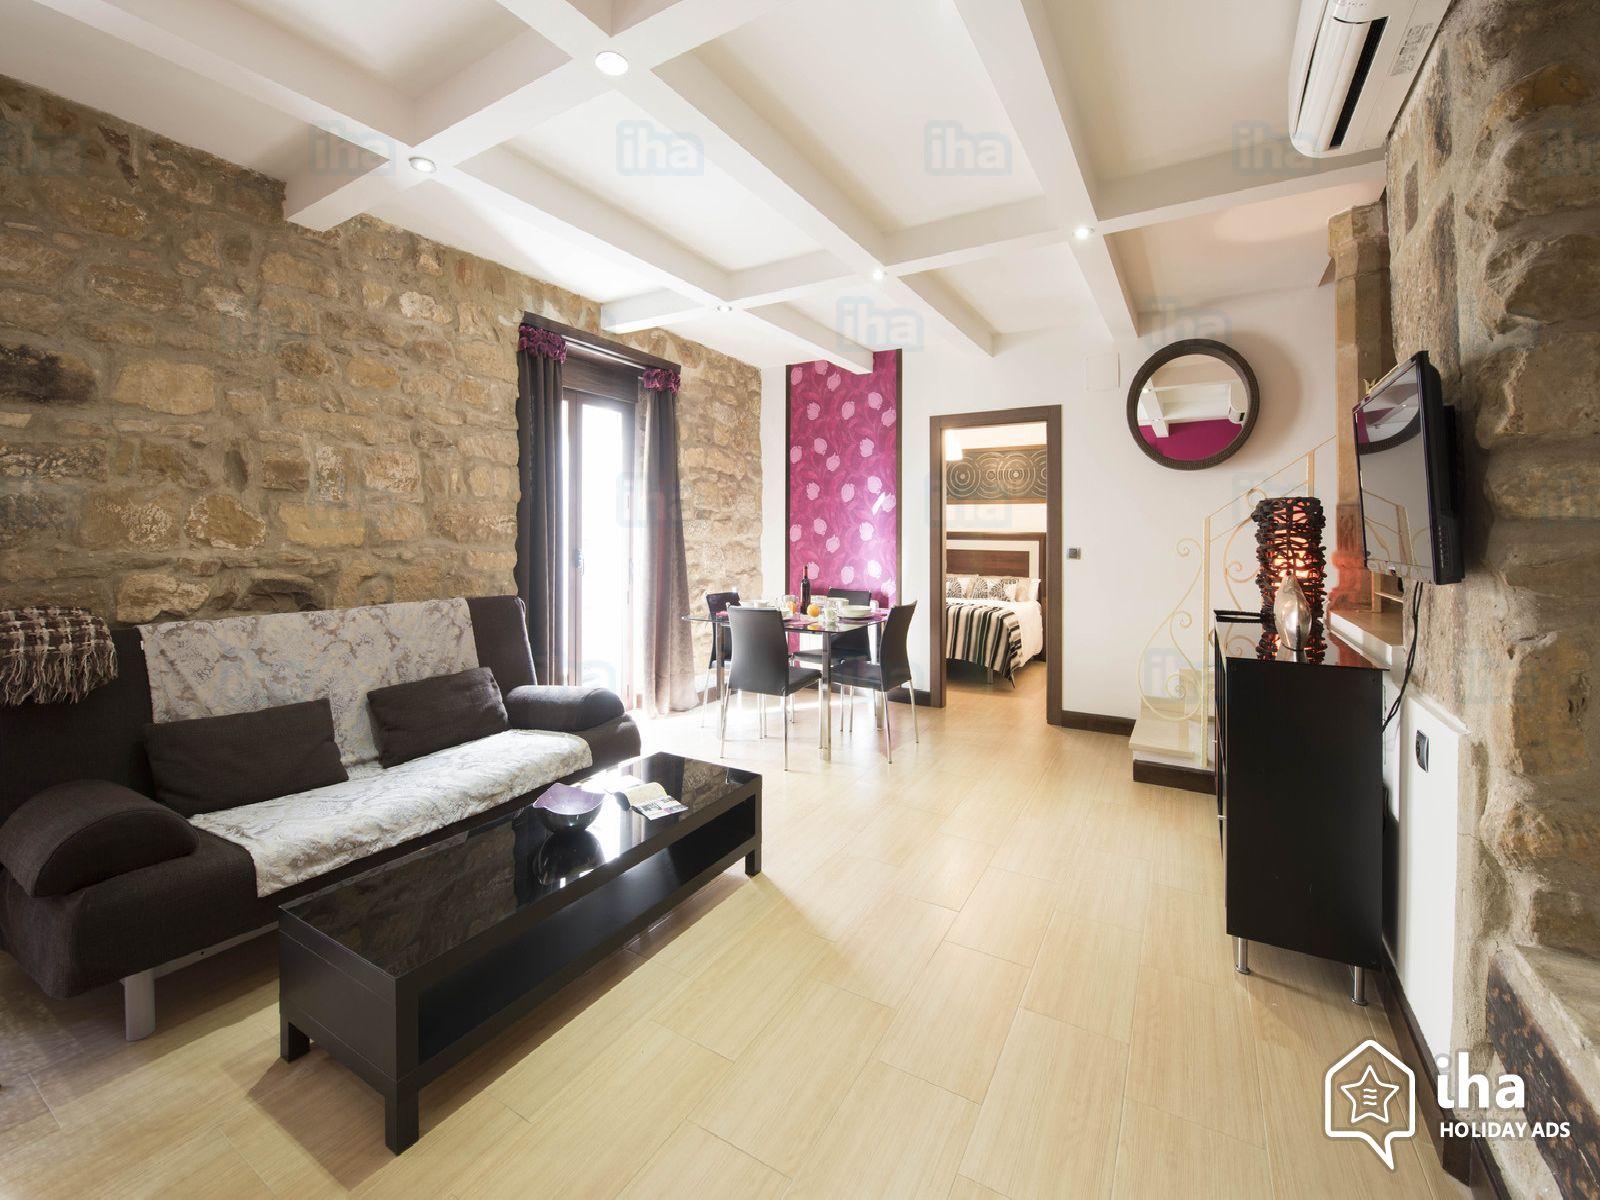 achat appartement un financement mettre en place. Black Bedroom Furniture Sets. Home Design Ideas